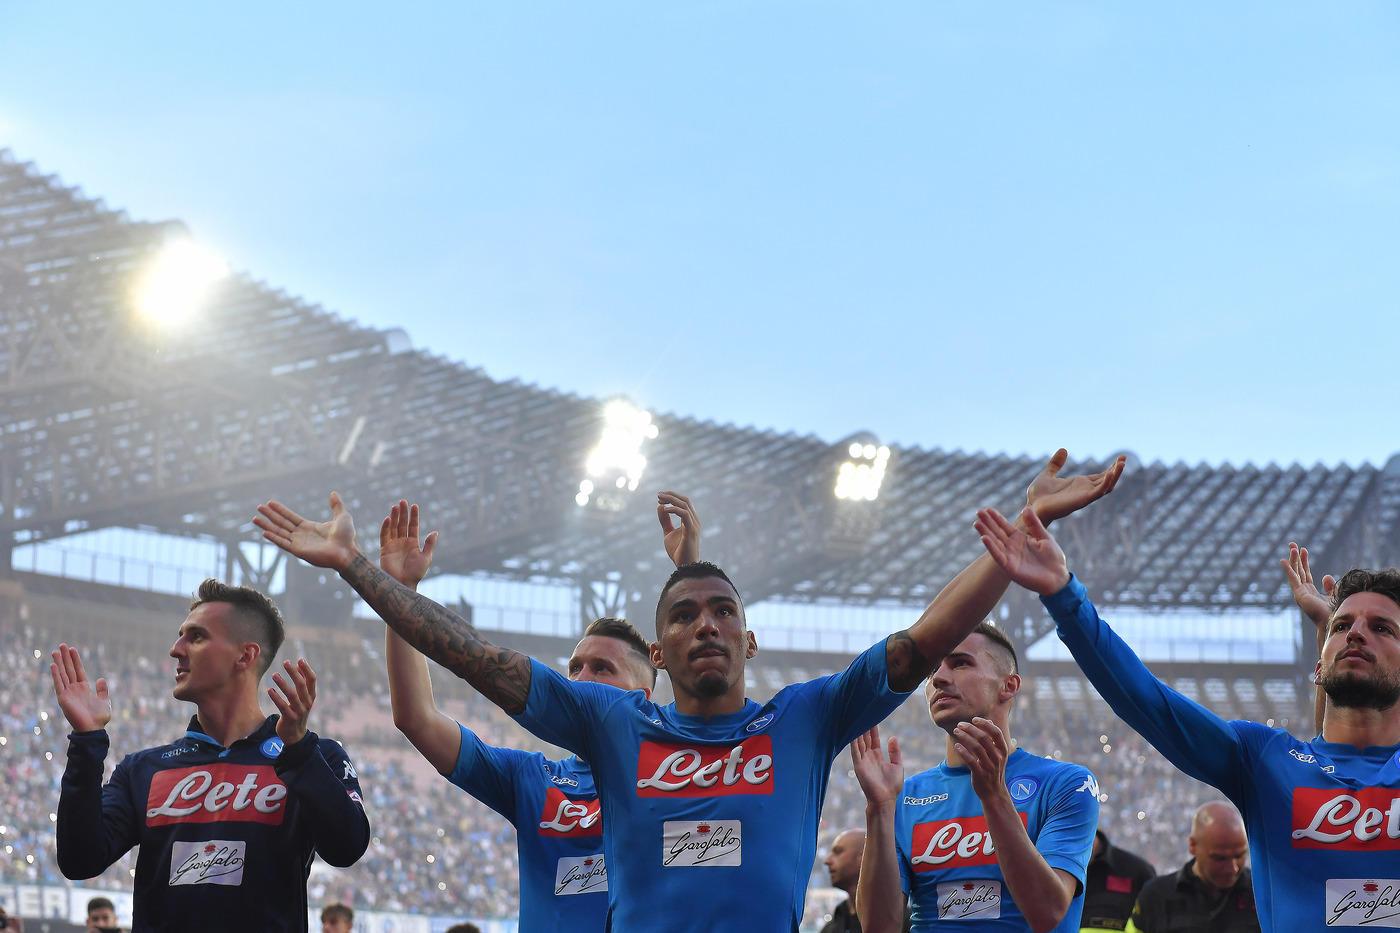 Stavolta niente miracolo, il Crotone retrocede in Serie B. Implacabile il Napoli, che saluta il suo pubblico al San Paolo (tutto esaurito) vincendo 2-1 con i gol nel primo tempo di Milik e Callejon. Inutile nel finale la rete di Tumminello. Vittoria da record per il Napoli, prima squadra a superare i 90 punti (91) senza vincere il campionato. Il Crotone torna in B dopo due stagioni chiudendo a 35 punti, uno in più dell'anno scorso, quando si salvò.